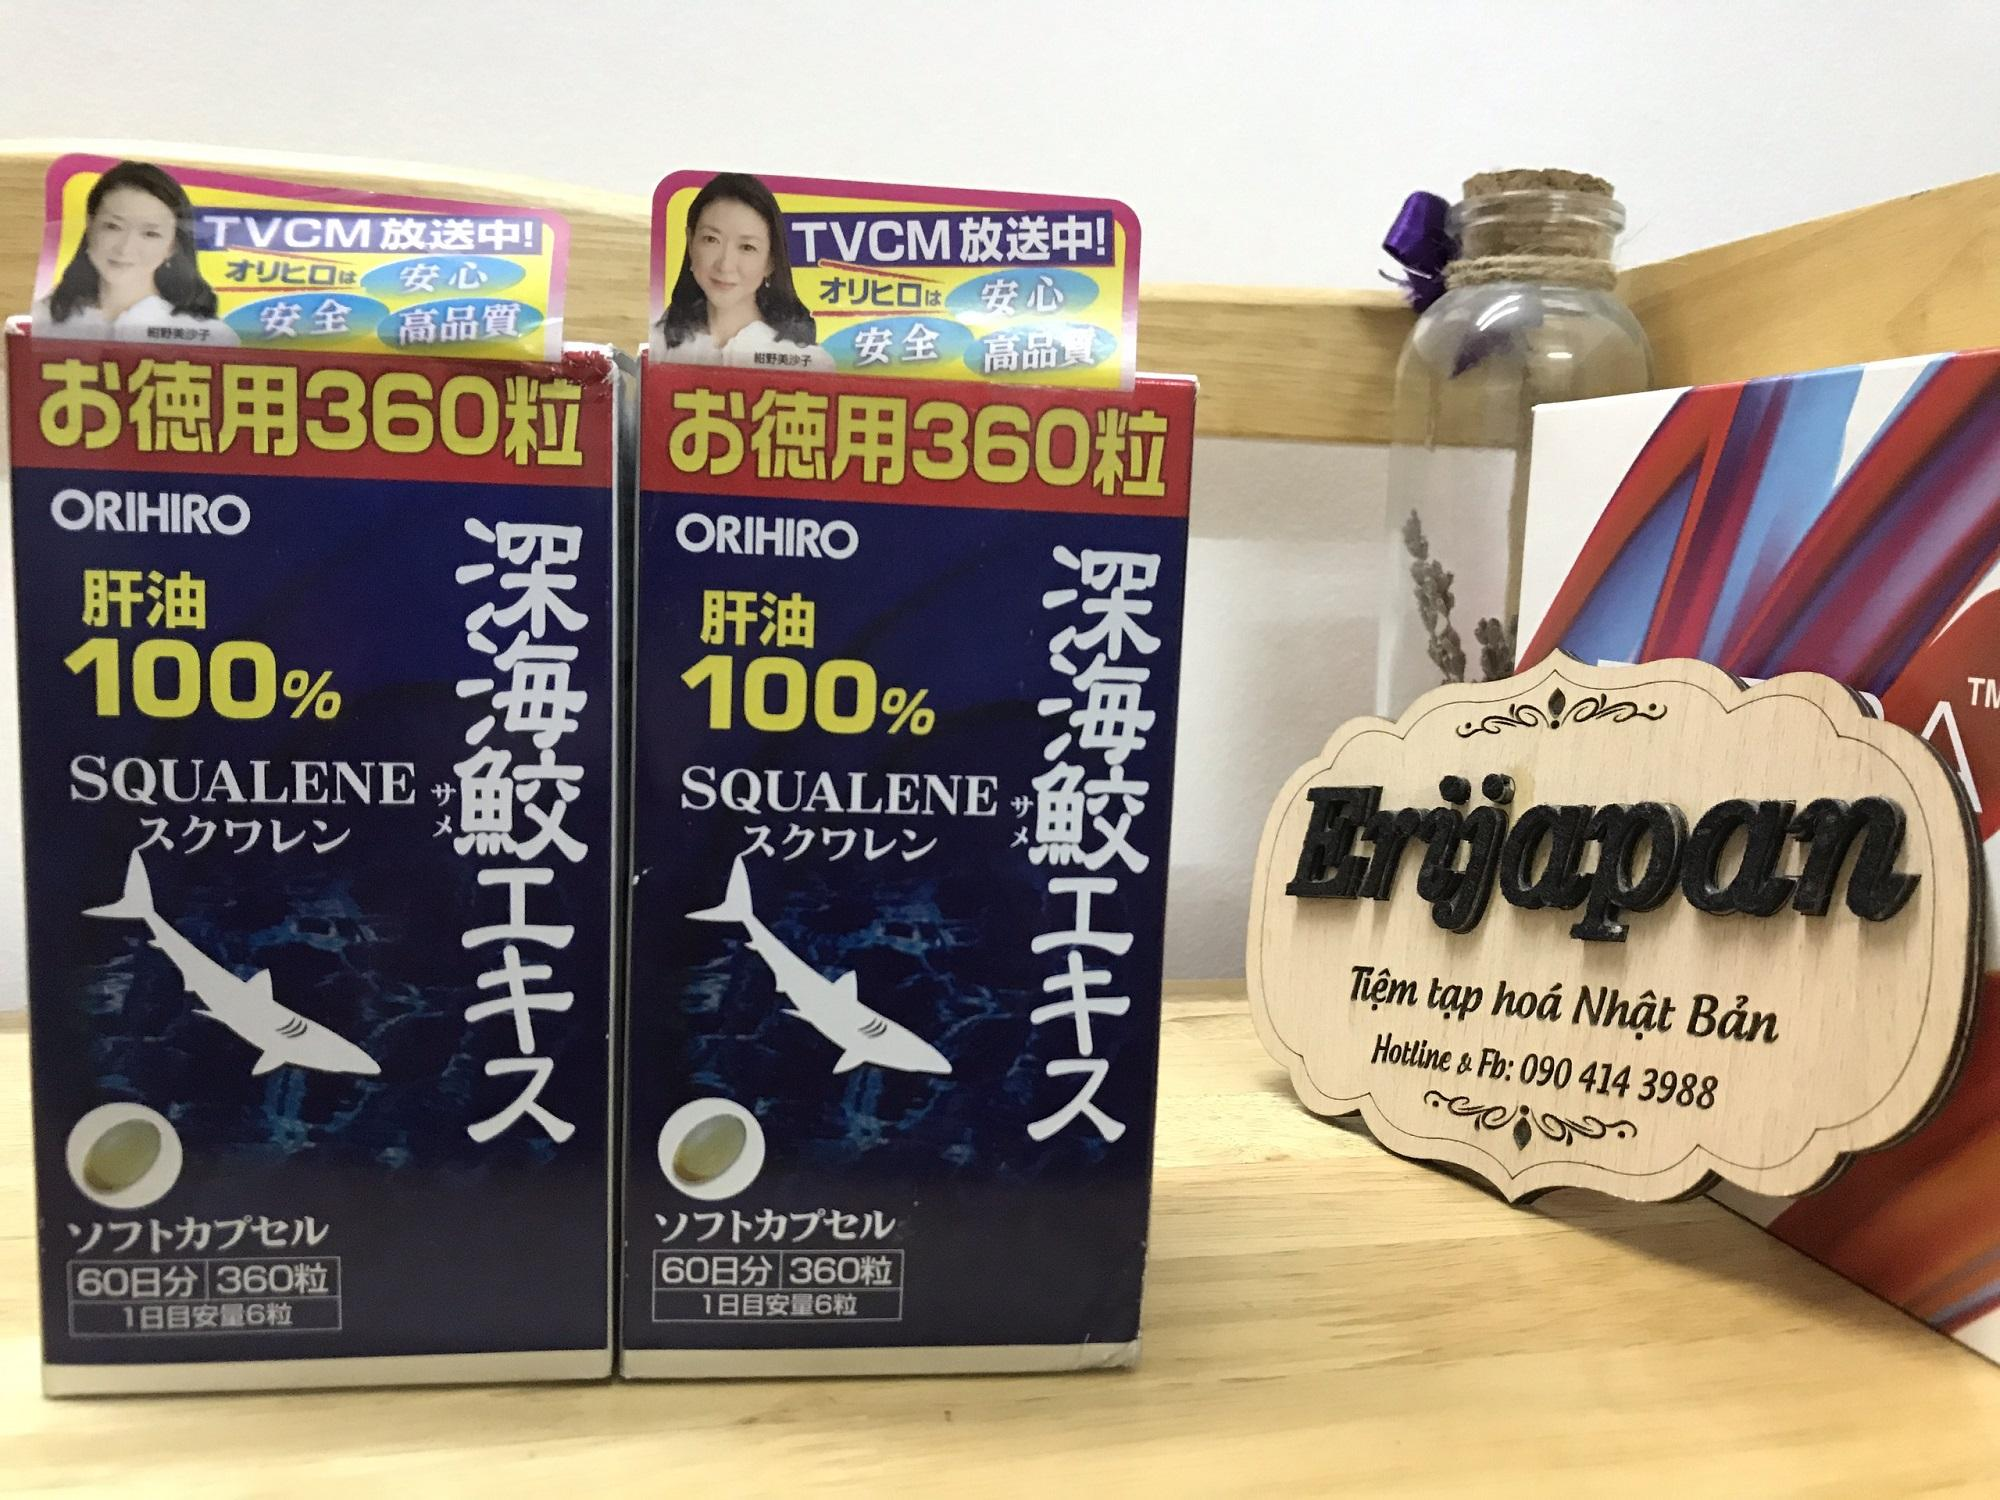 360 viên [DATE 2021] Dầu gan cá mập Orihiro - Dầu gan cá mập 100% Squalene Orihiro Nhật Bản